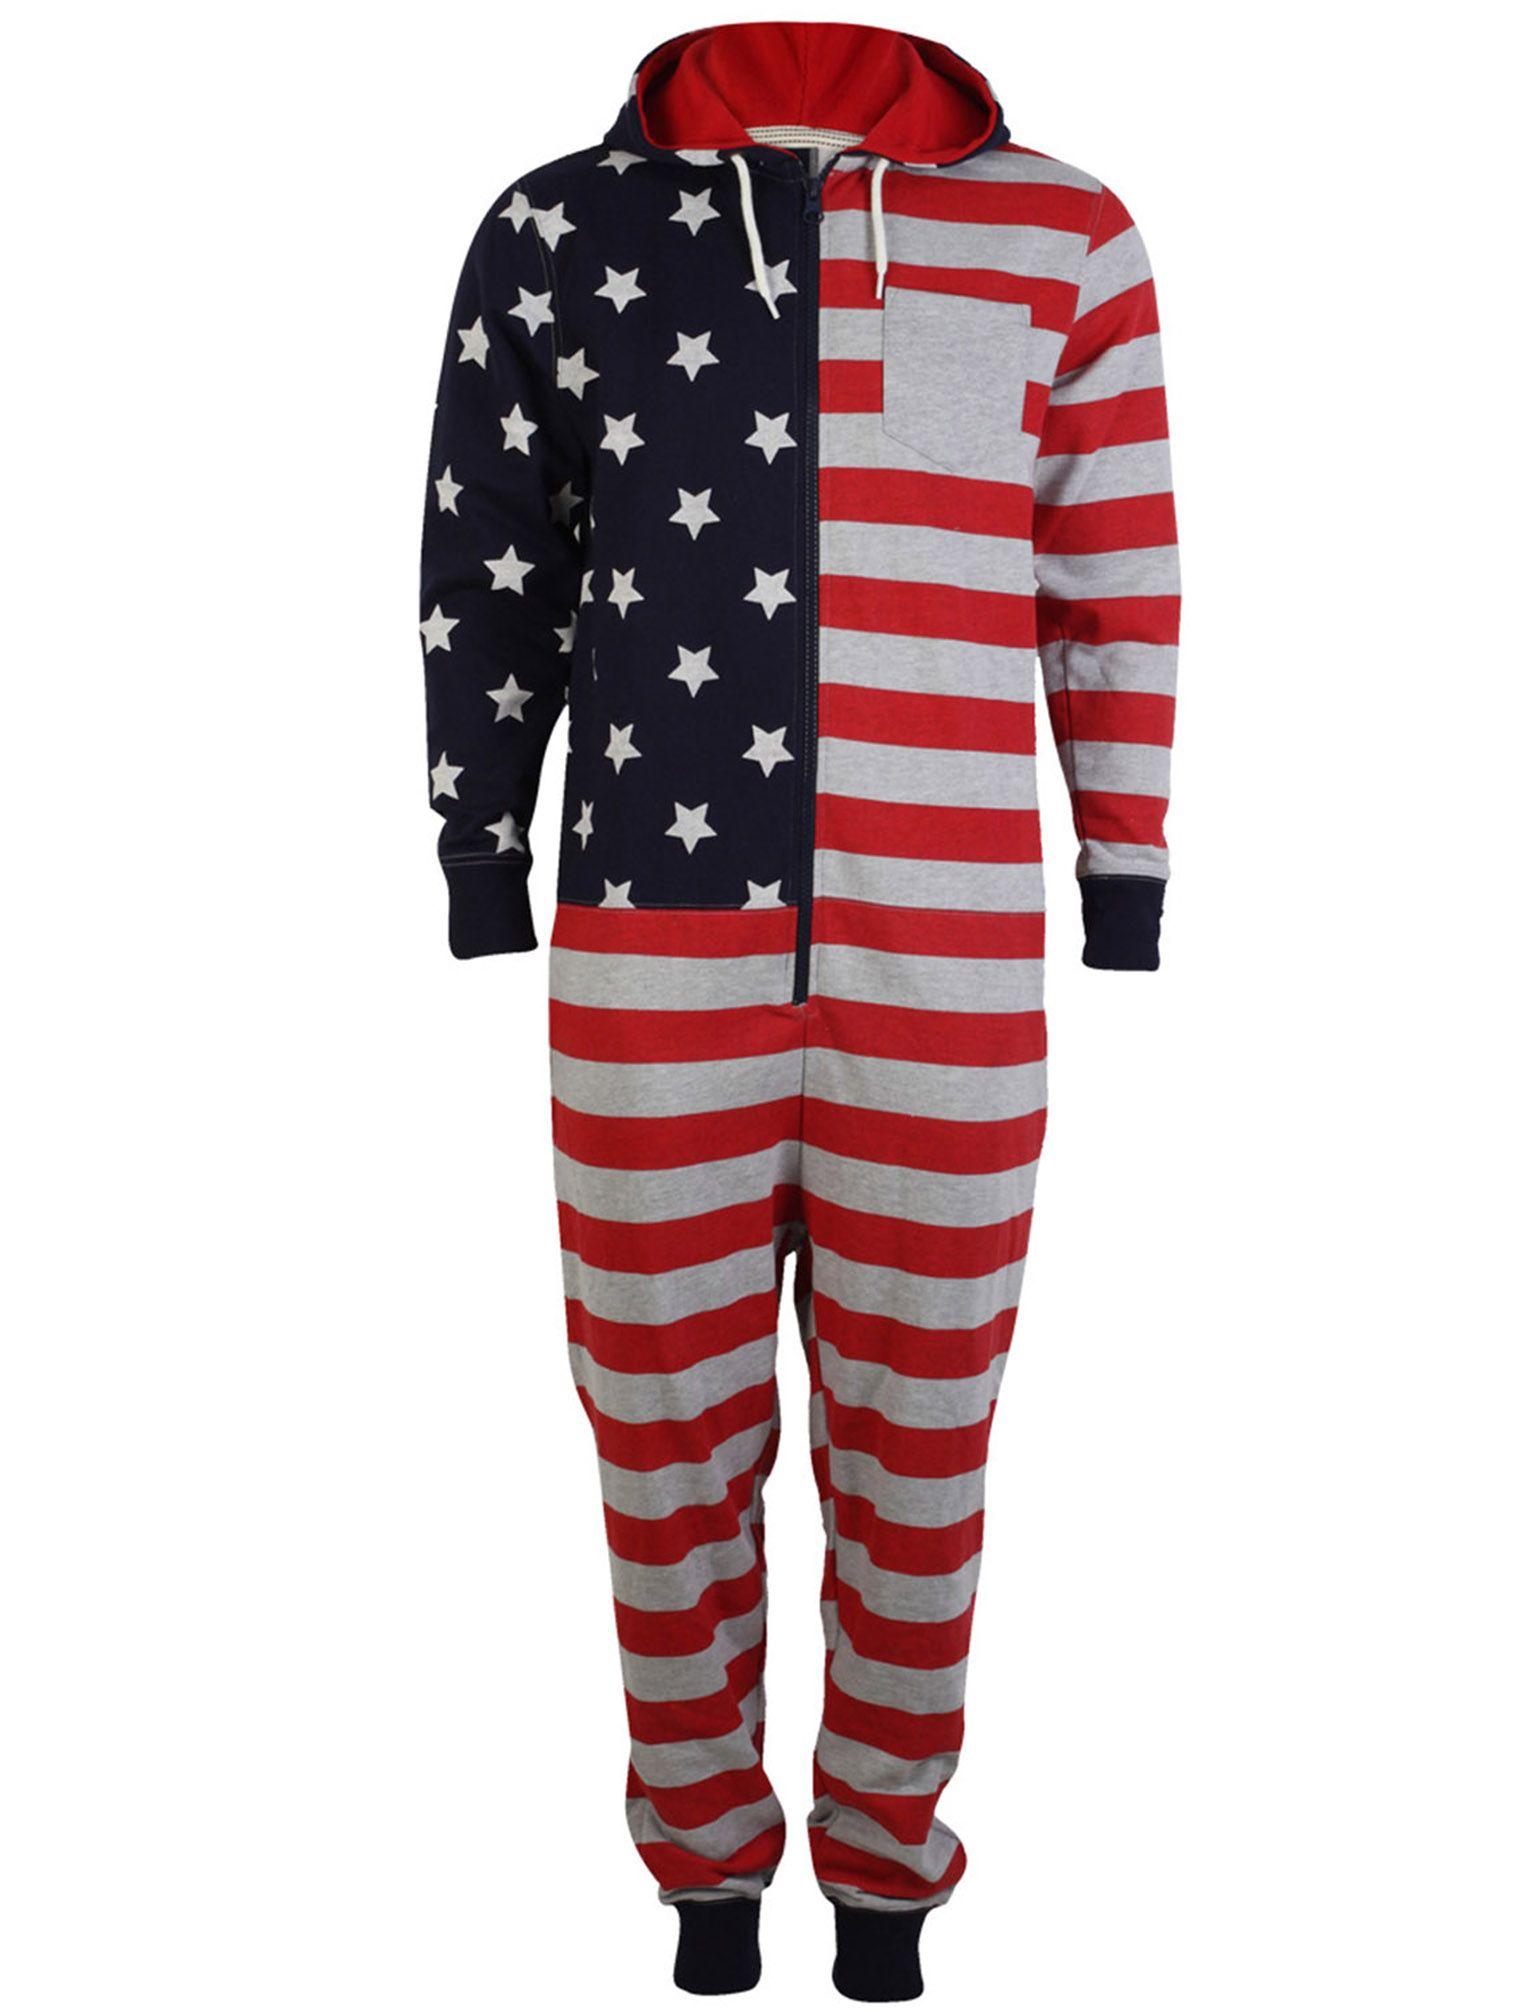 بالصور صور علم امريكا , علم الولايات المتحده الامريكيه 4495 7